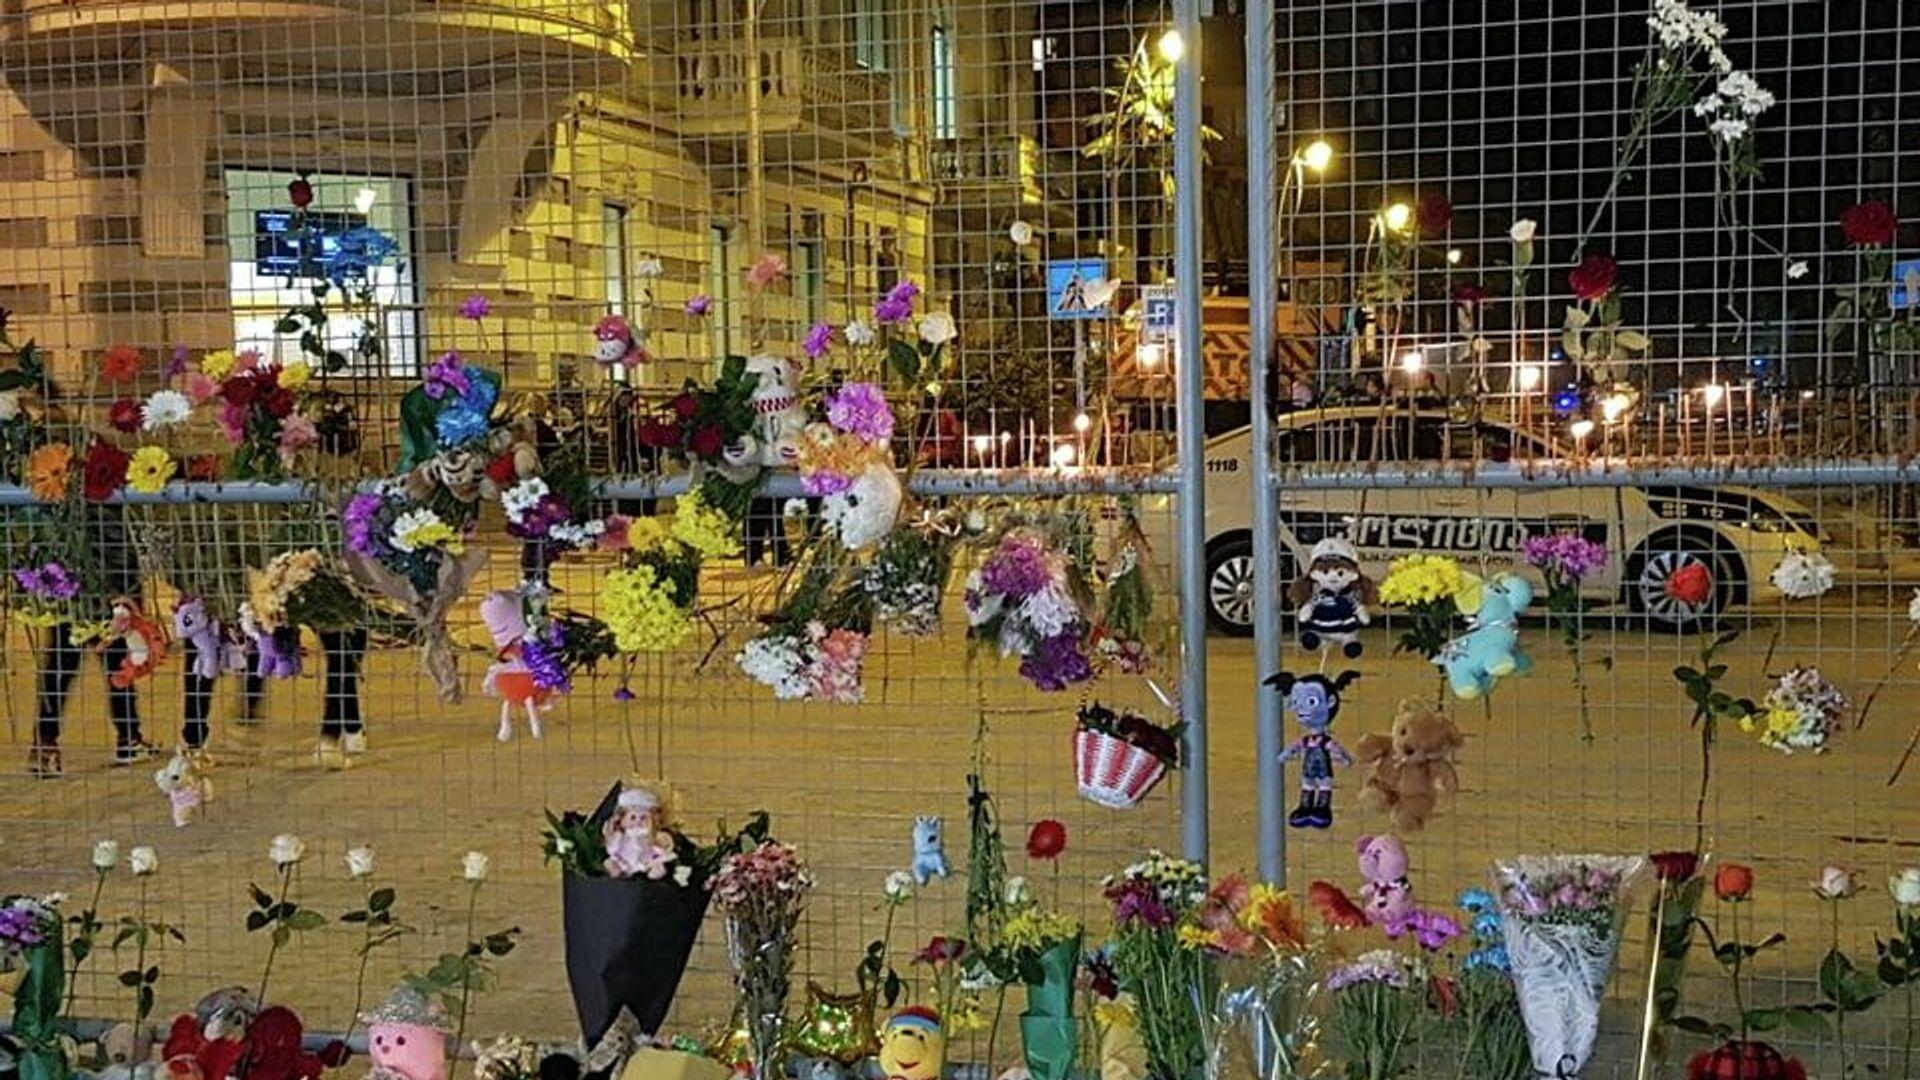 Траурная акция в память о погибших в результате обрушения жилого дома 9 октября 2021 года - Sputnik Грузия, 1920, 11.10.2021